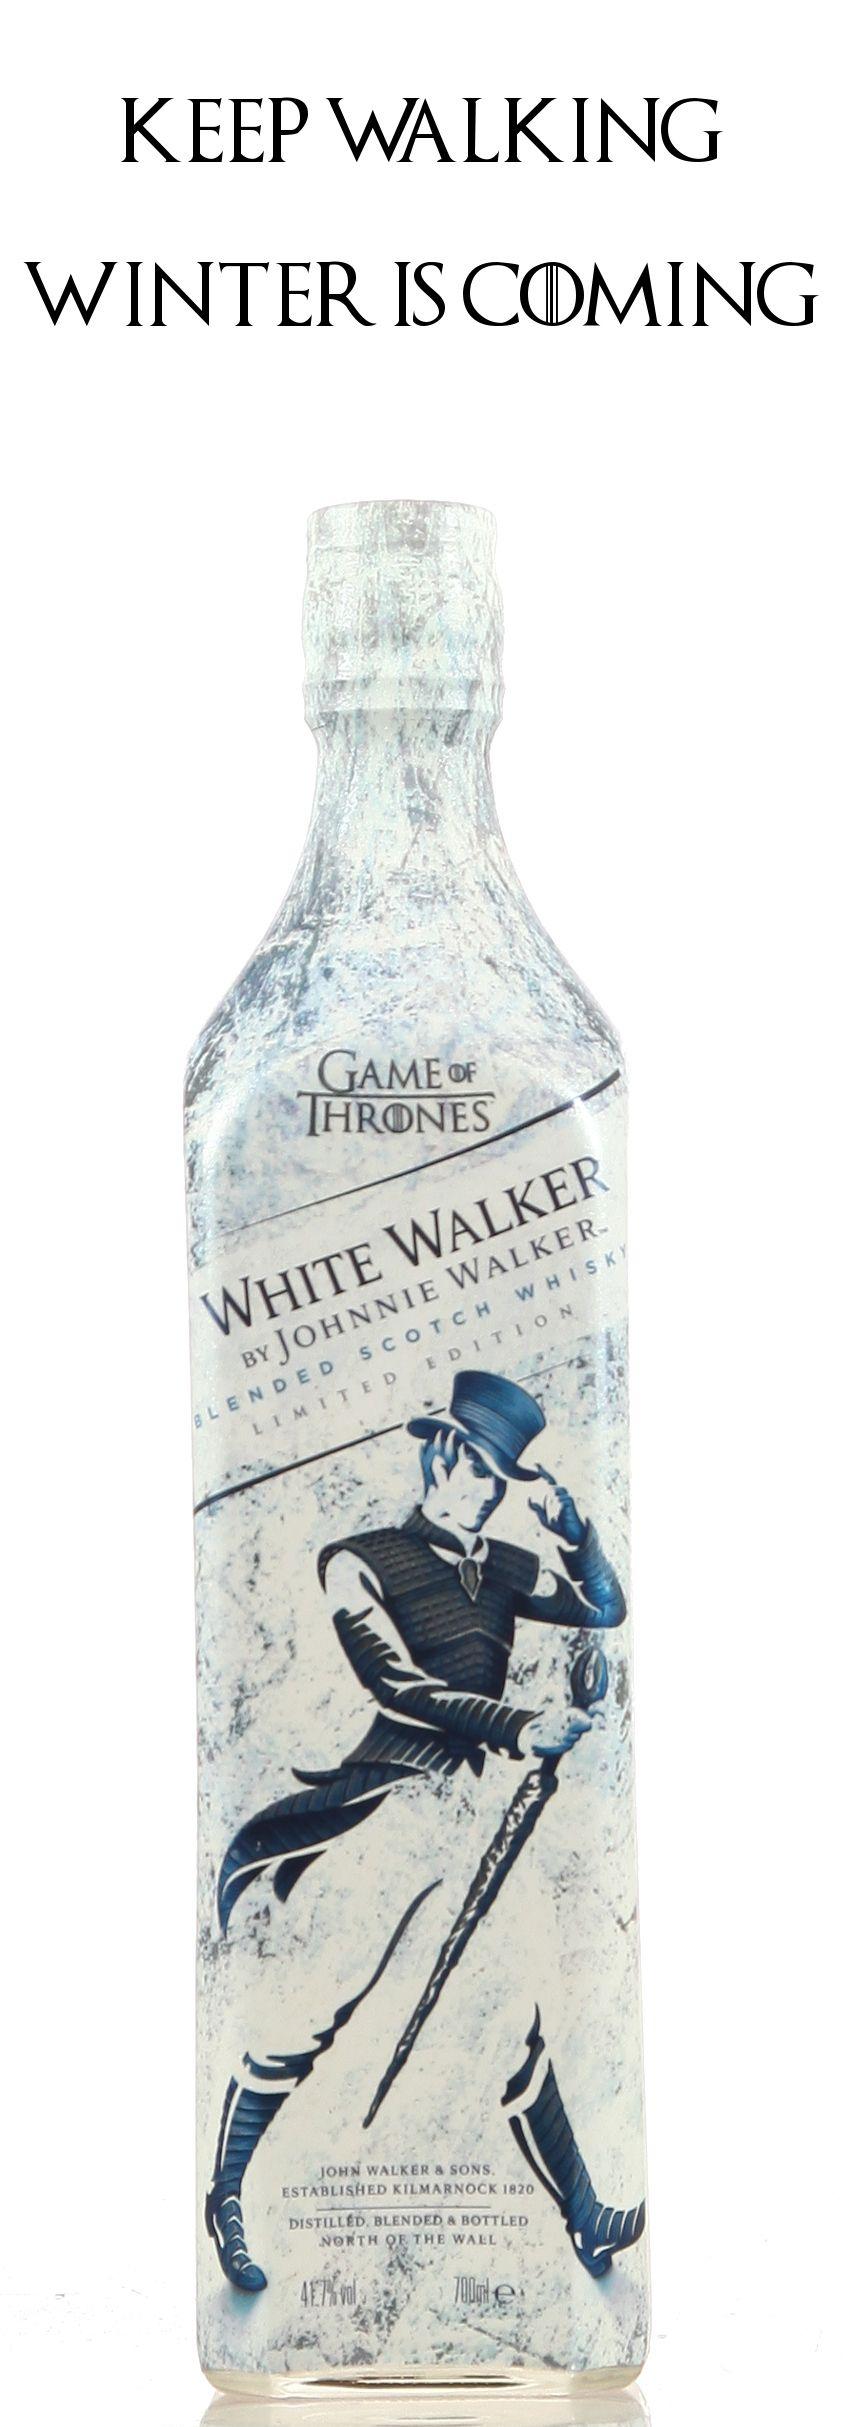 Winter is coming! Wärmt euch am White Walker Johnnie Walker, denn der Winter kommt bald. Ein Muss für jeden echten Game of Thrones Fan. #got #johnniewalker #whisky #whiskey #scotch